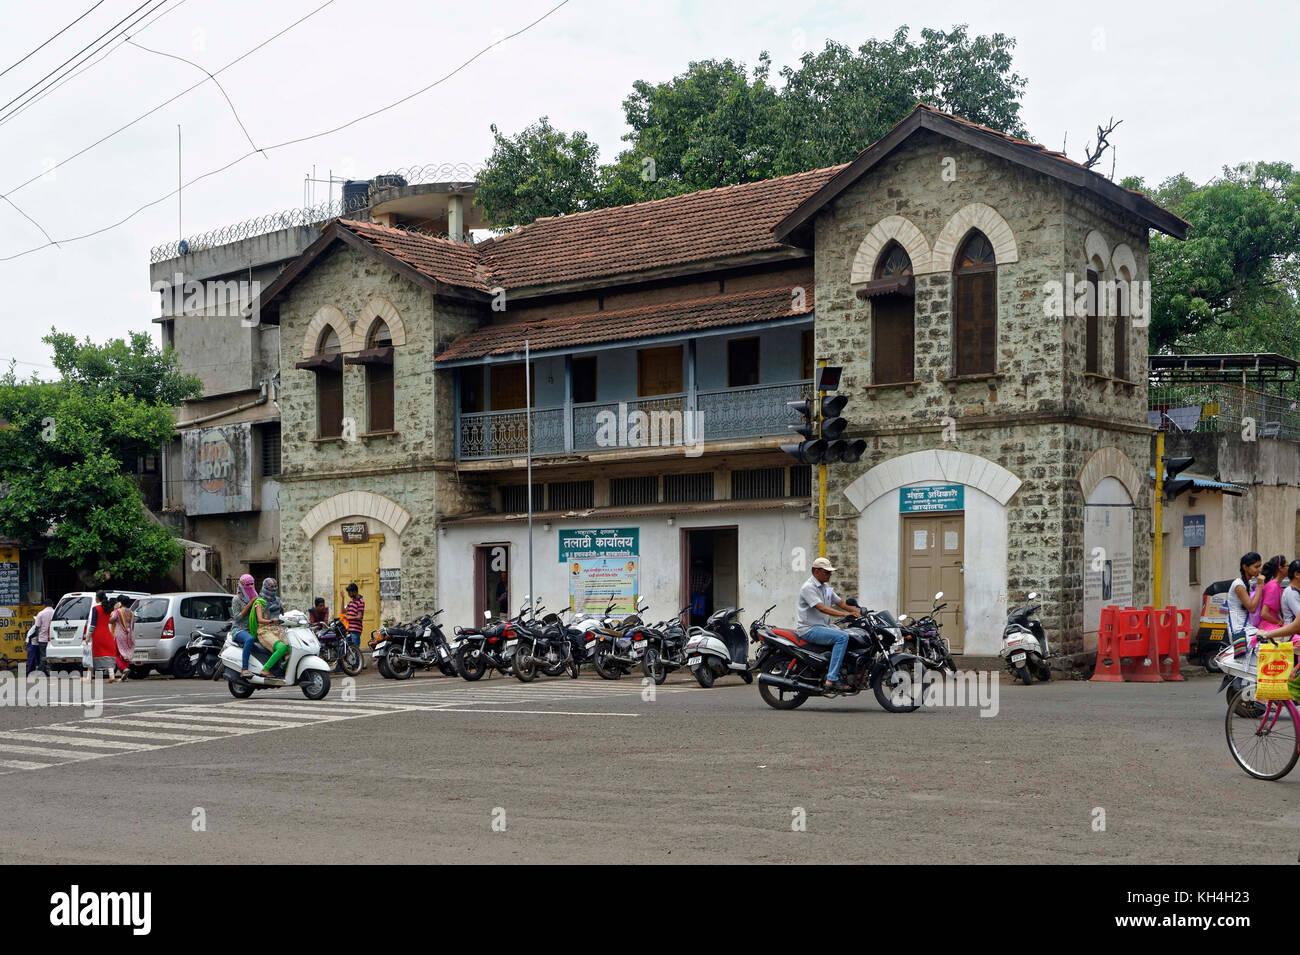 Talathi karyalay Bürogebäude, Kolhapur, Maharashtra, Indien, Asien Stockbild